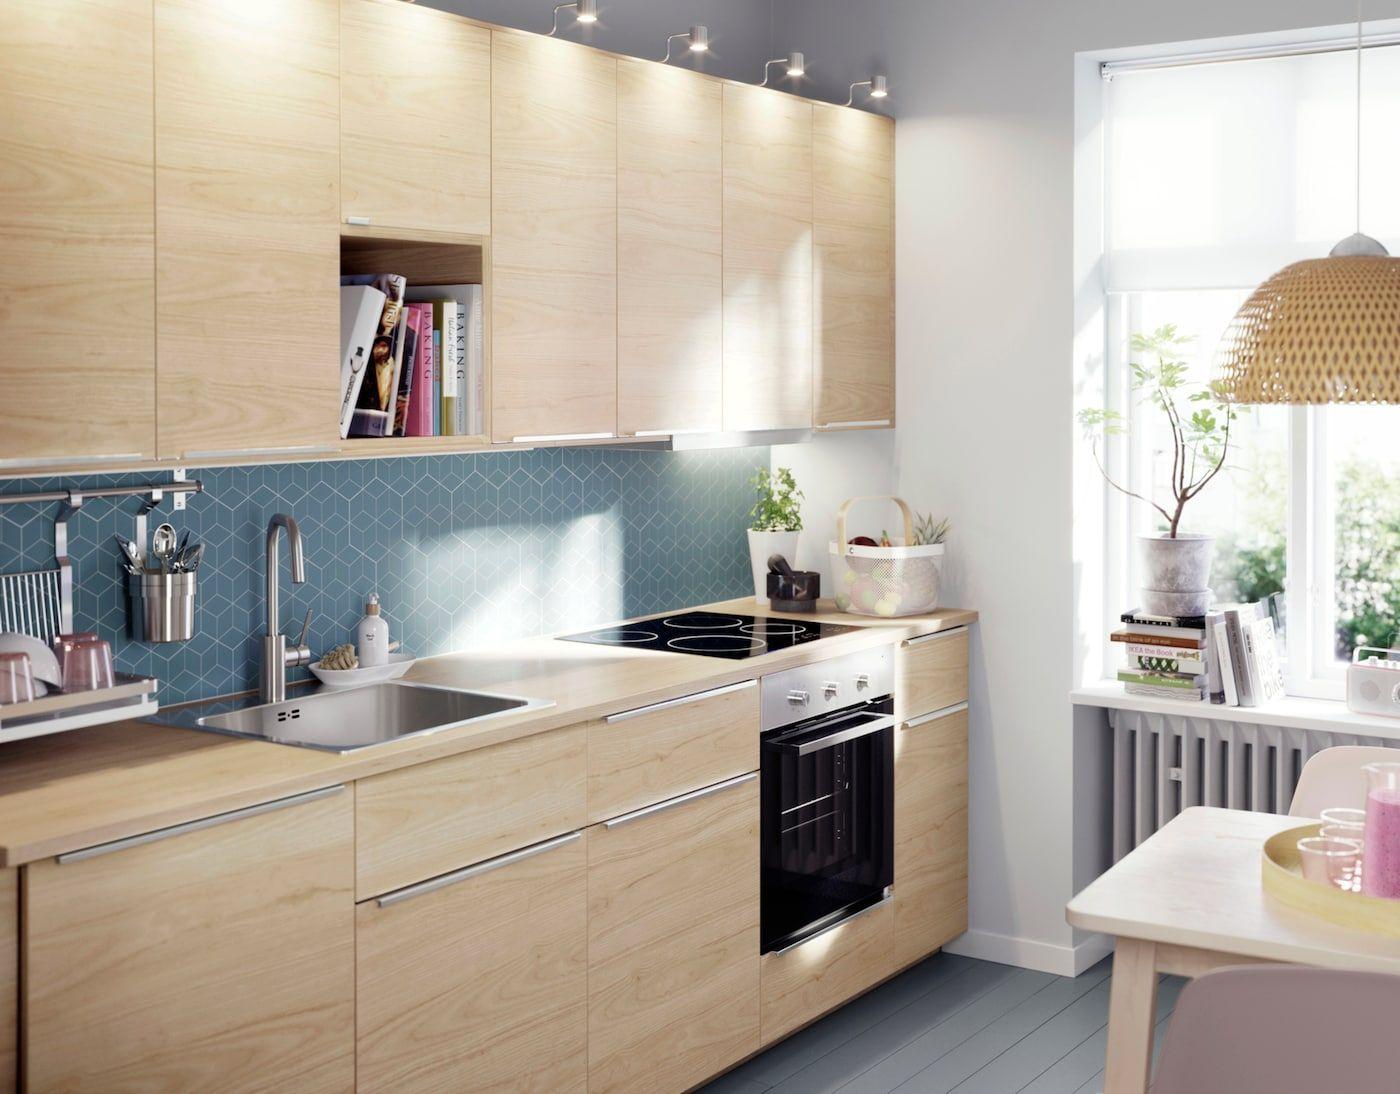 Ikea Kitchen Design Software